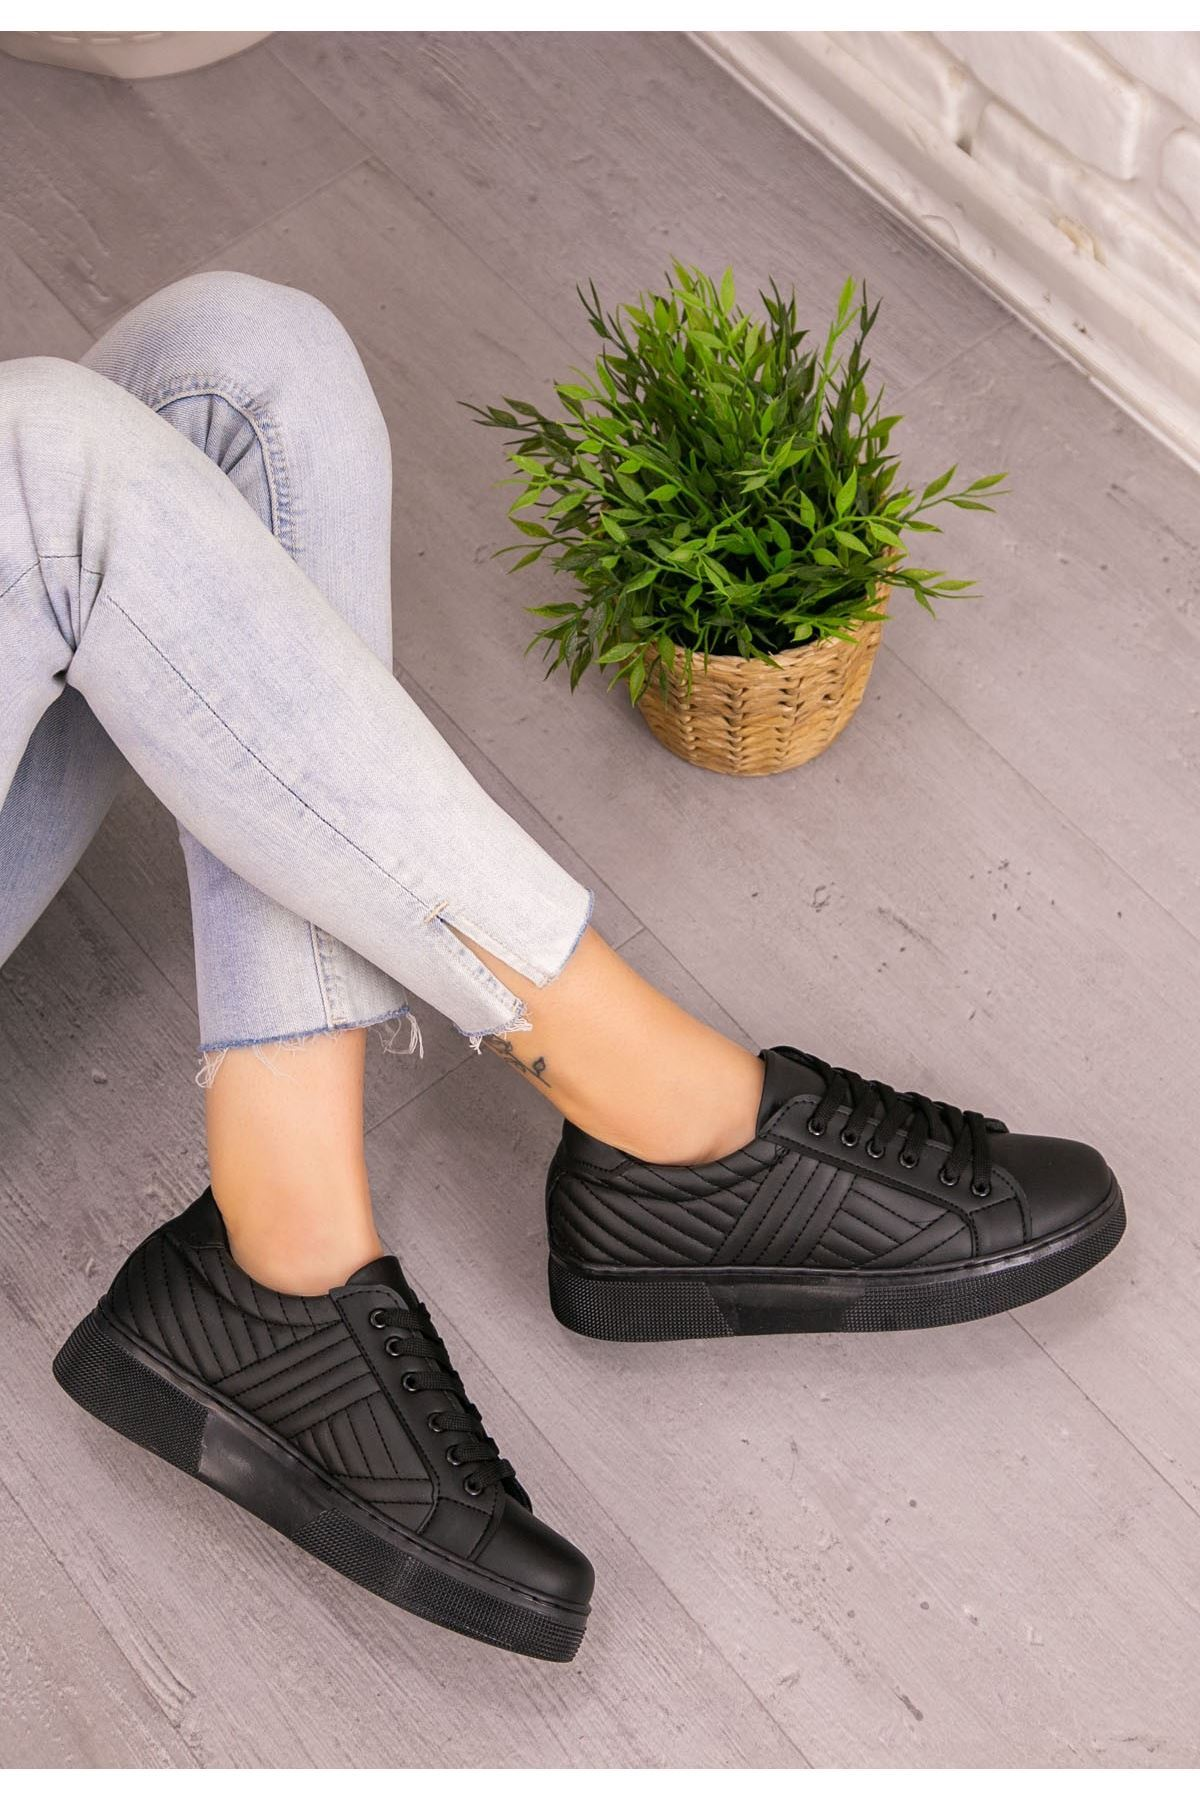 Vika Siyah Cilt Bağcıklı Spor Ayakkabı